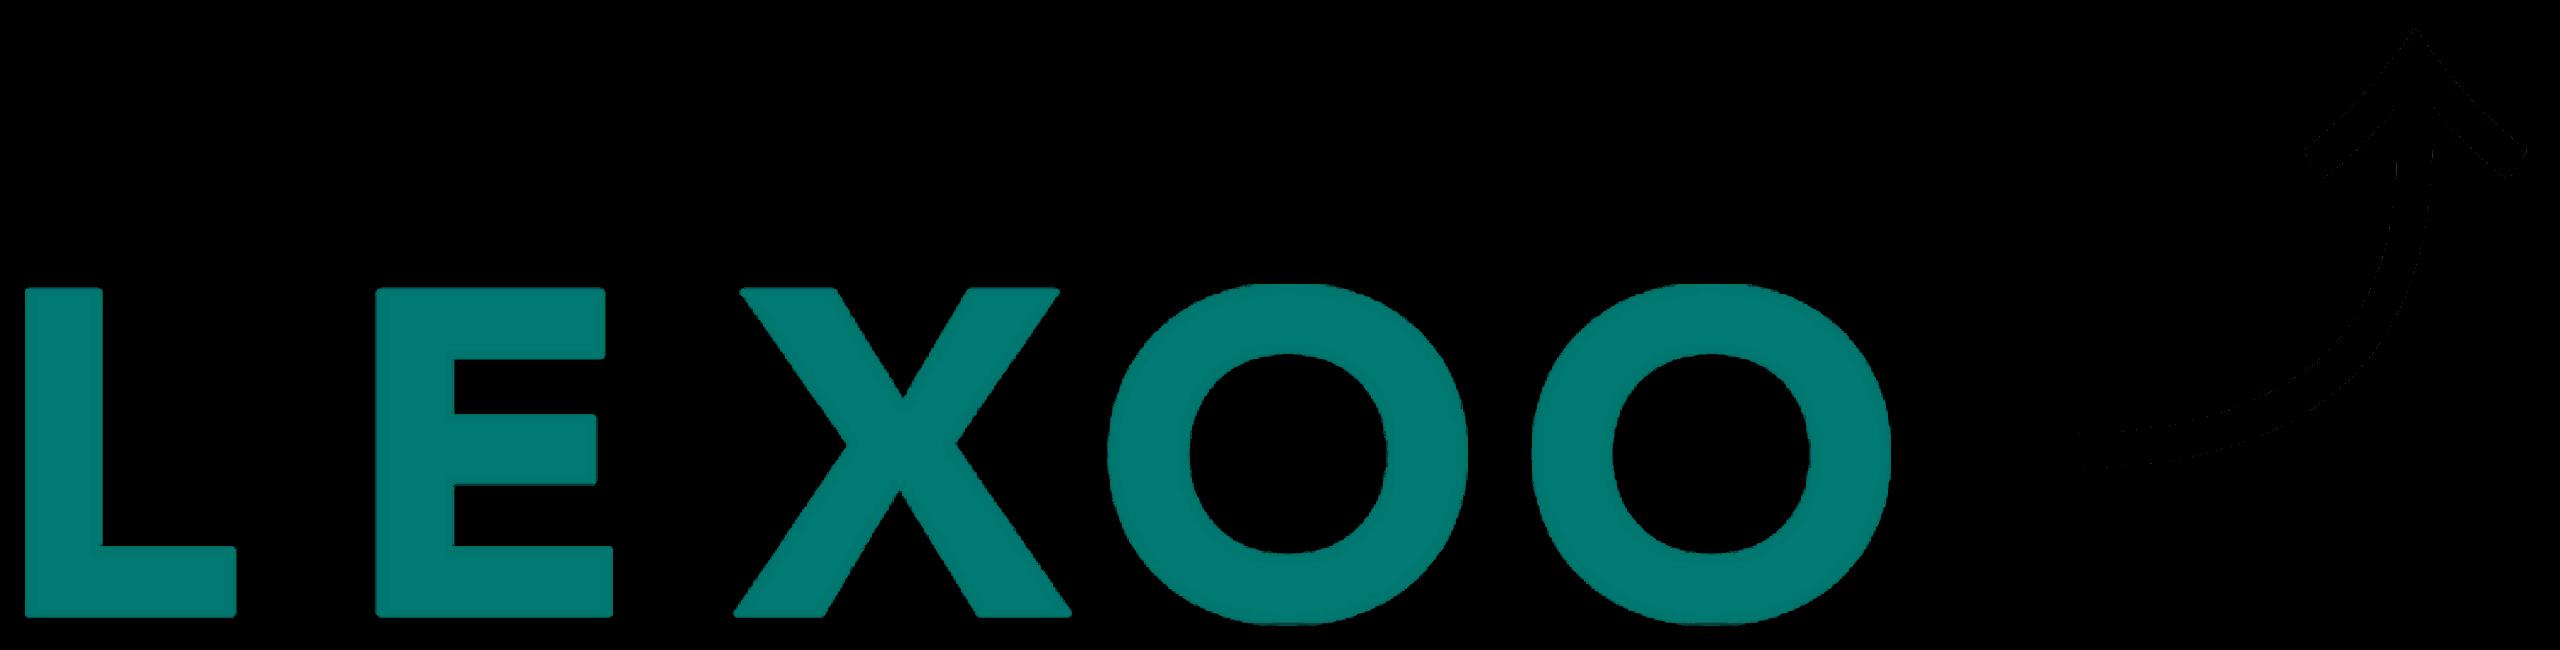 Lexoo logo with an arrow pointing up